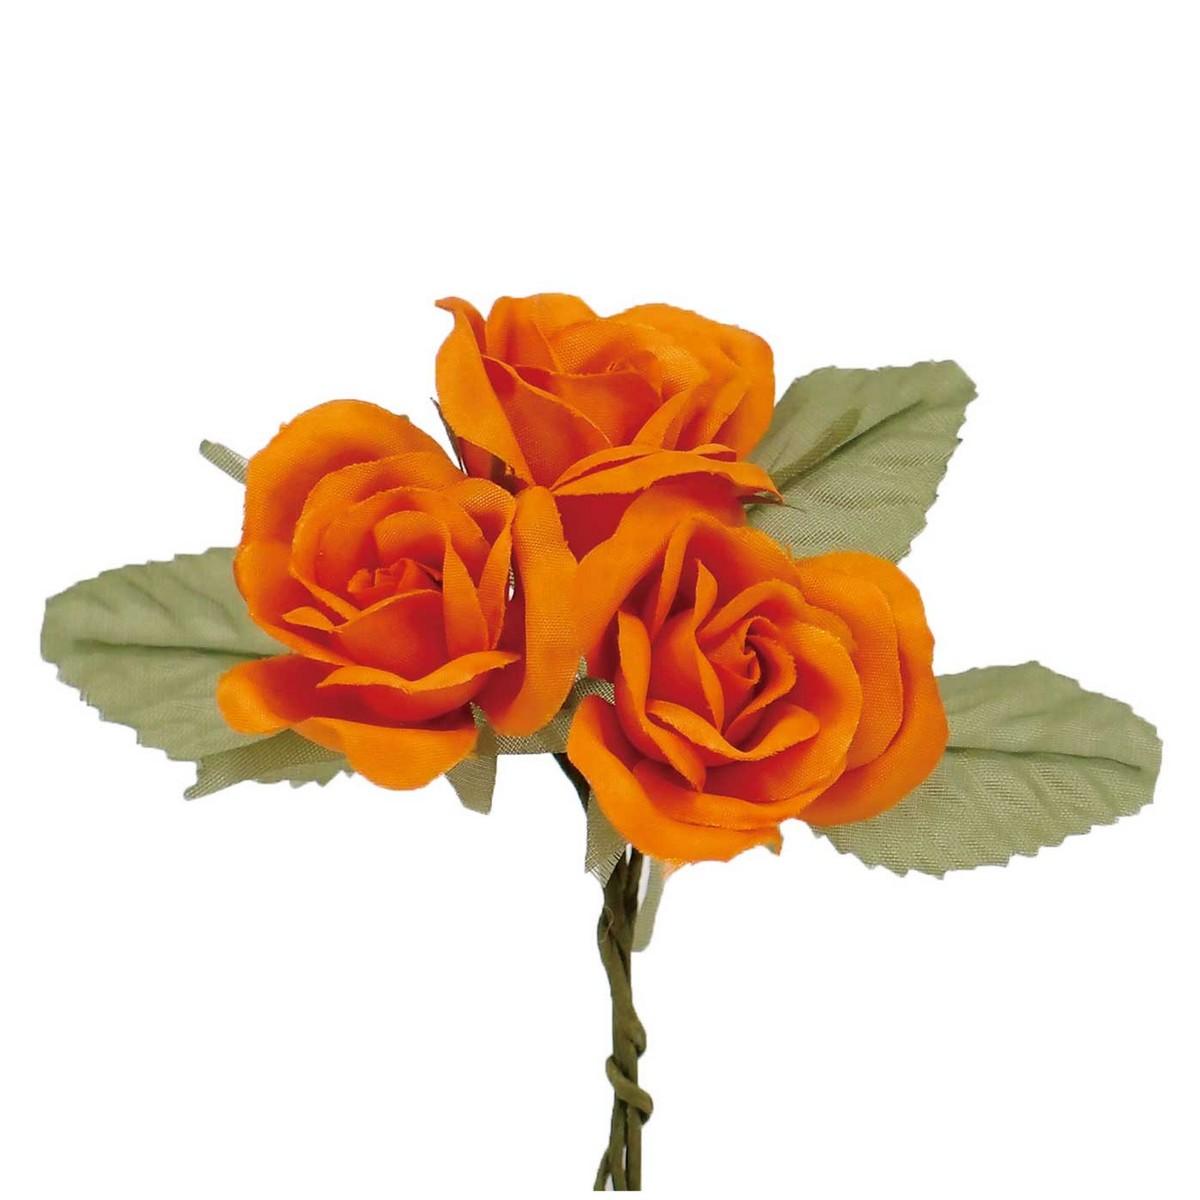 【造花】サンセイ/DSI-01ローズ#09オレンジ 1束/台紙付/541255|造花 バラ【01】【取寄】[3個]《 造花(アーティフィシャルフラワー) 造花 花材「は行」 バラ 》